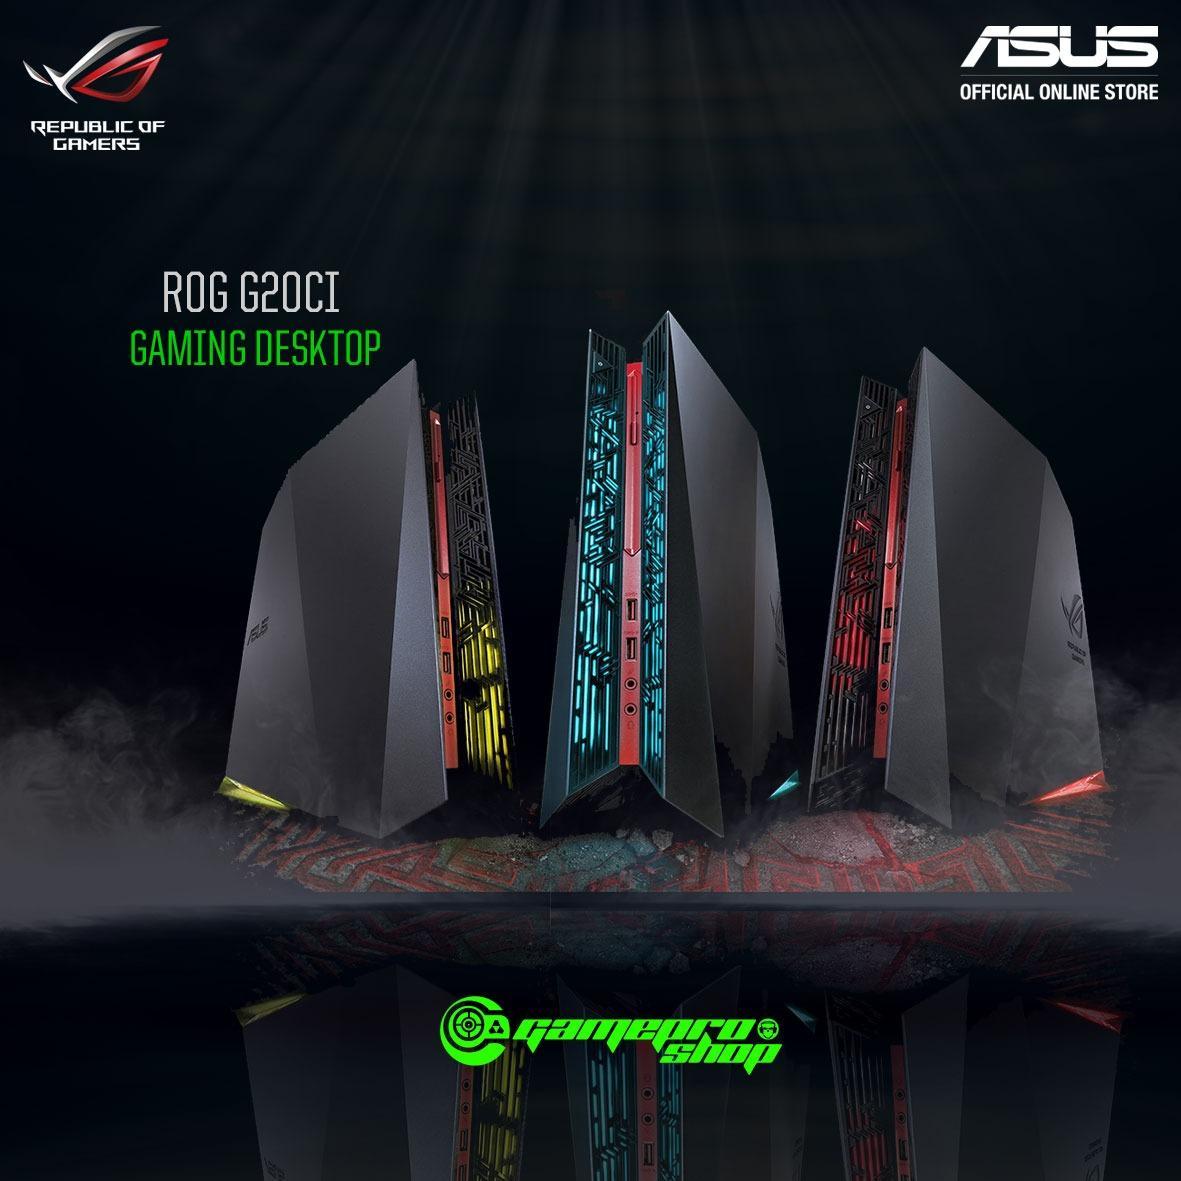 ASUS ROG G20CI – SG007T i7-7700 GTX 1080 8GB DDR5 32GB RAM Gaming Desktop *COMEX PROMO*